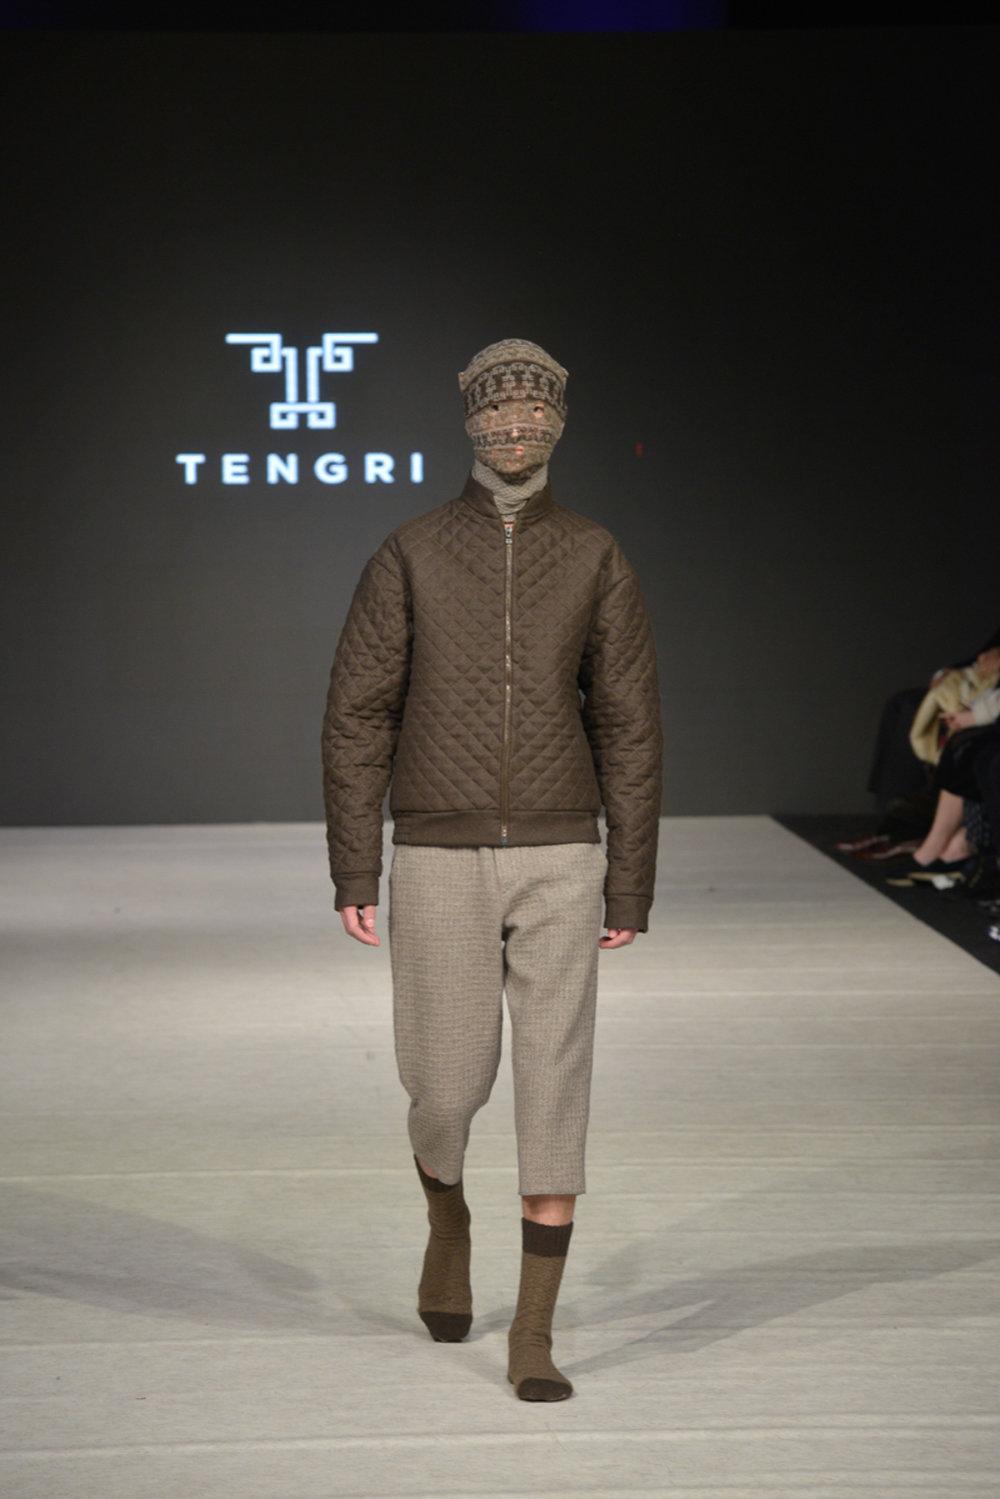 tengri-11.jpg